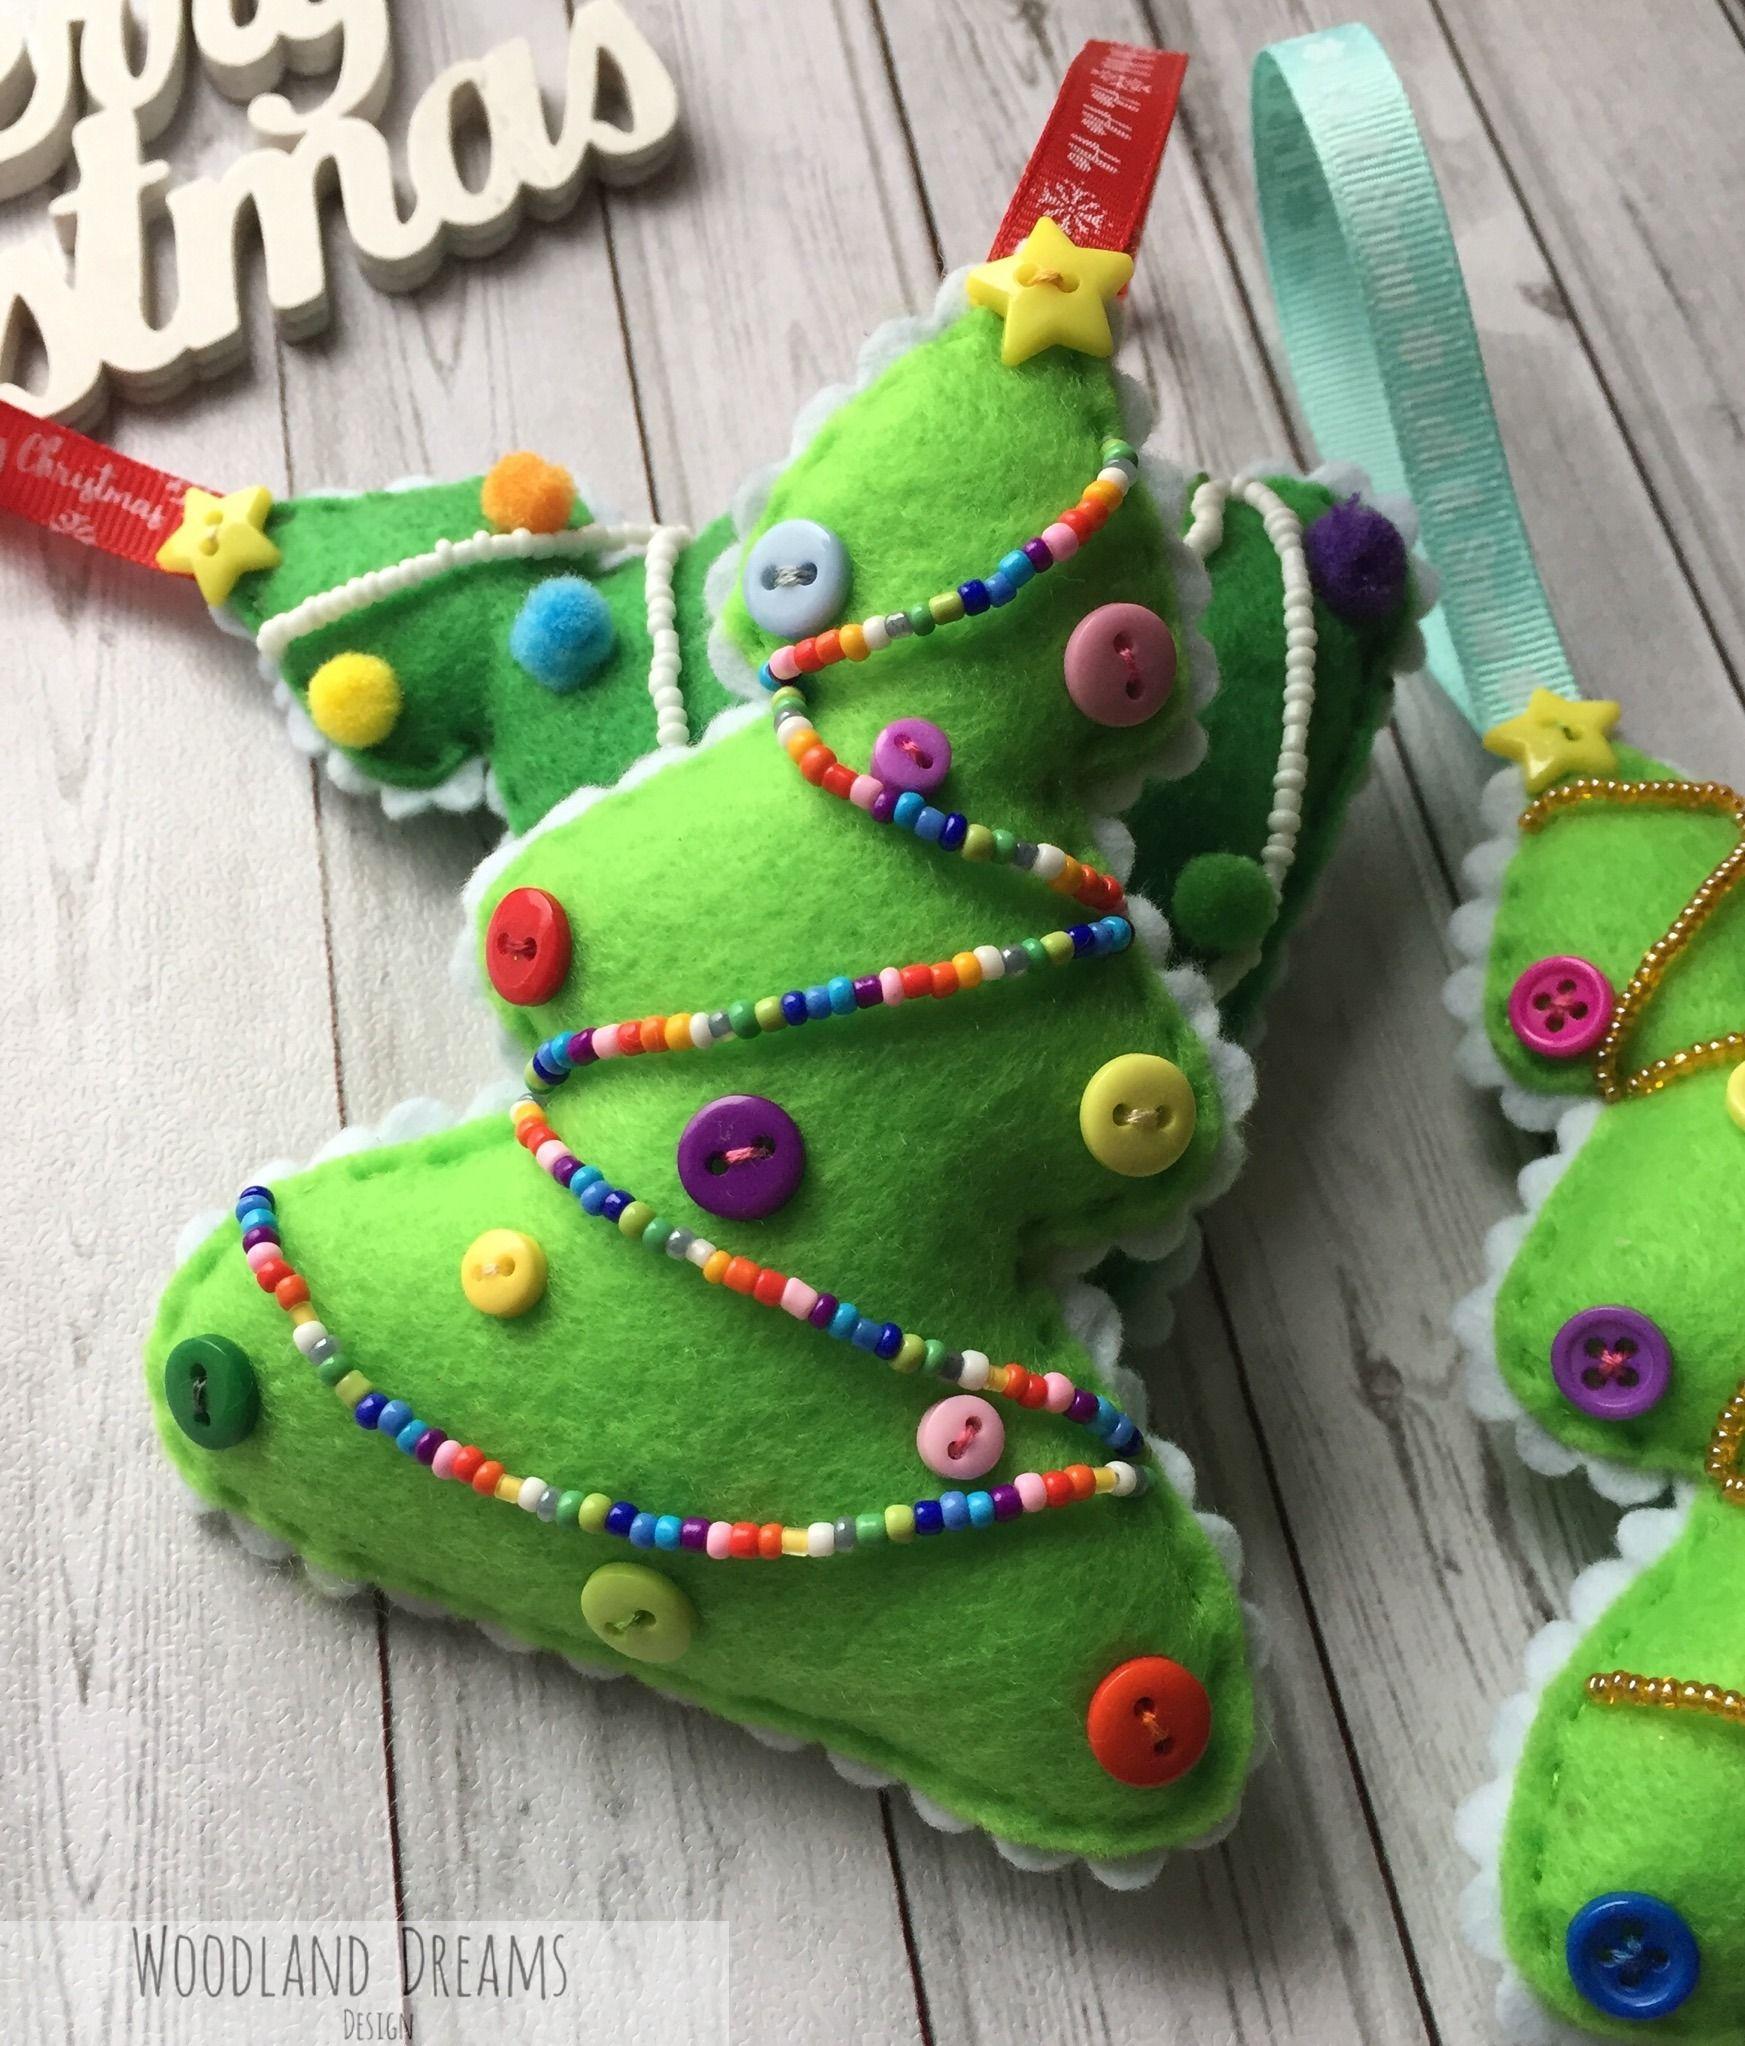 Embellished Beaded Handmade Felt Christmas Tree Ornaments Various Designs Felt Christmas Tree Felt Christmas Felt Christmas Ornaments